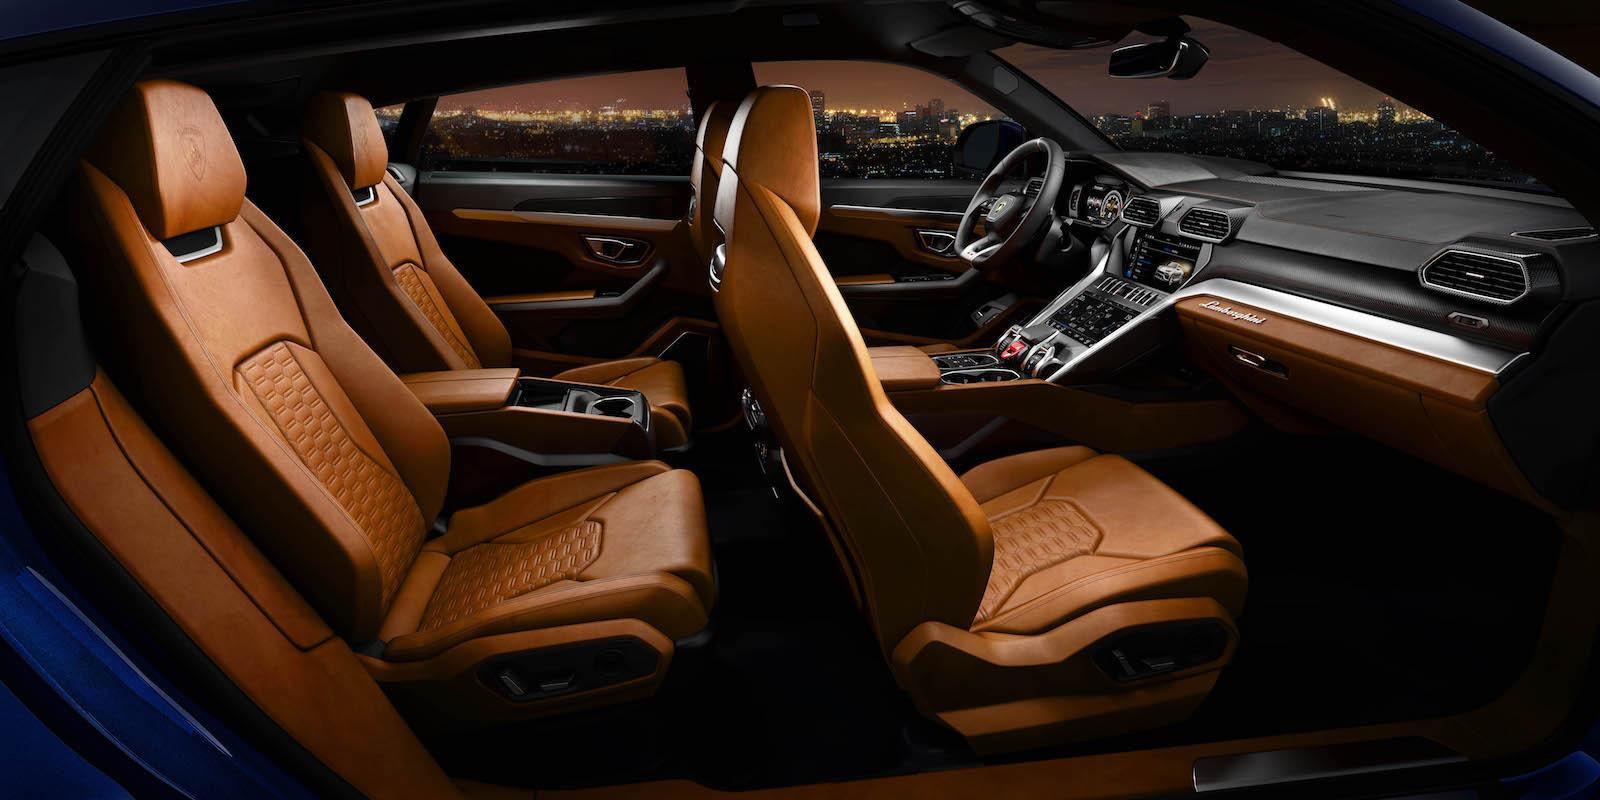 2019 Lamborghini Urus: Design, Engine, Price >> 2019 Lamborghini Urus Revealed Packing 641 Hp V 8 And